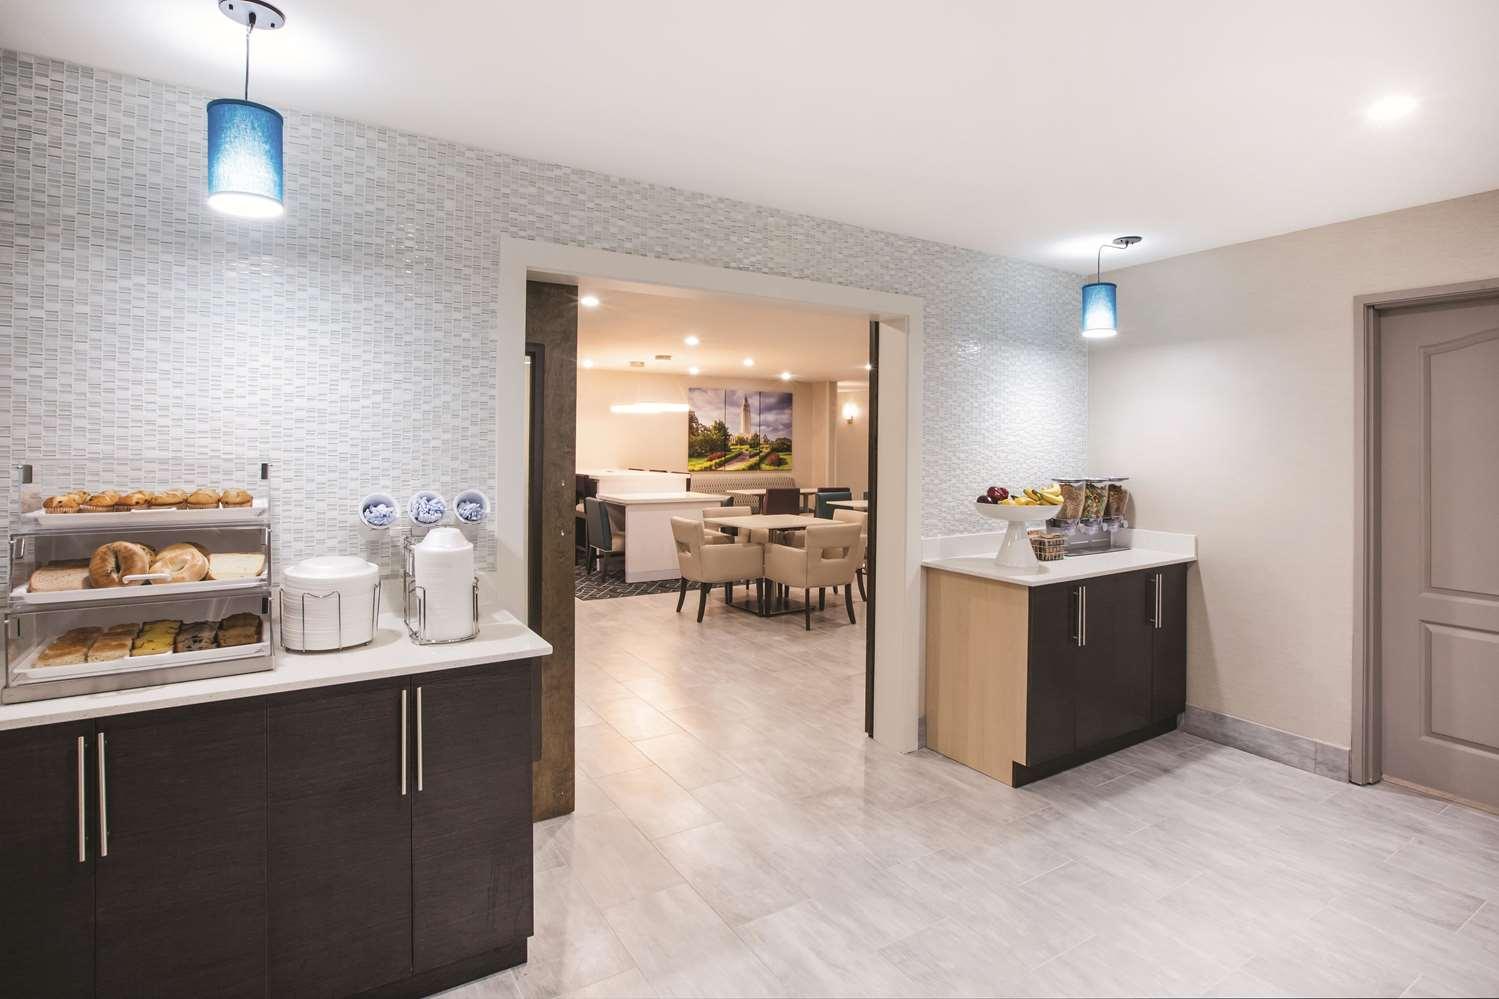 proam - La Quinta Inn & Suites Walker